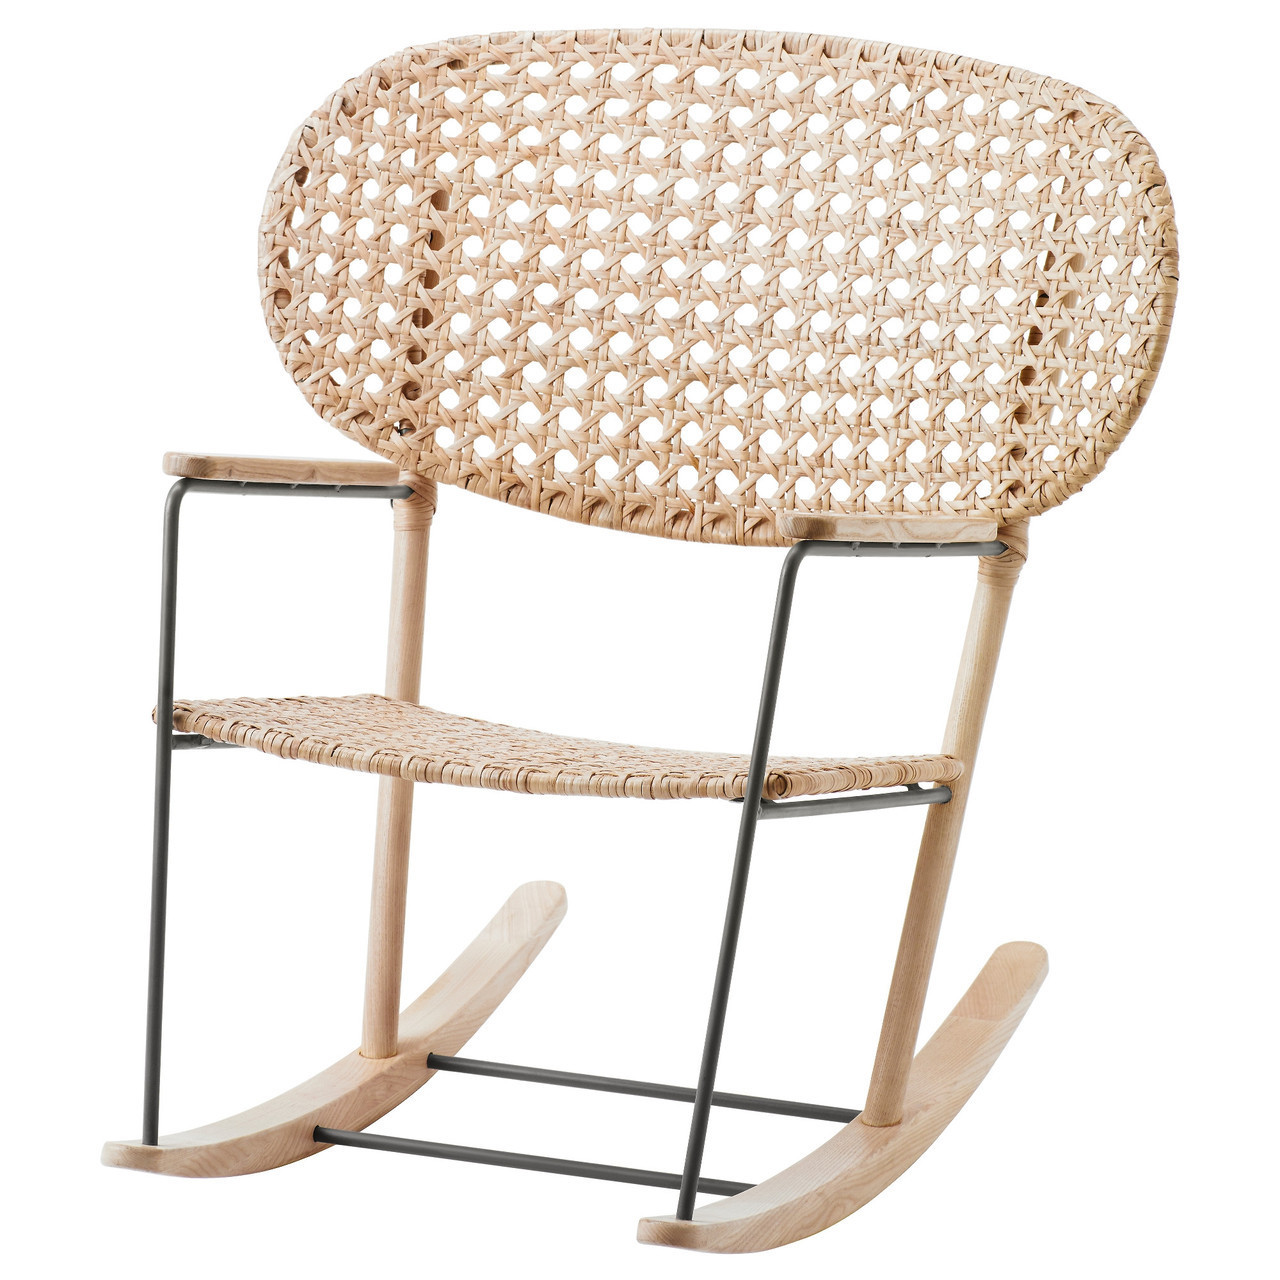 GRÖNADAL Кресло-качалка детское, серый, натуральный 903.200.97